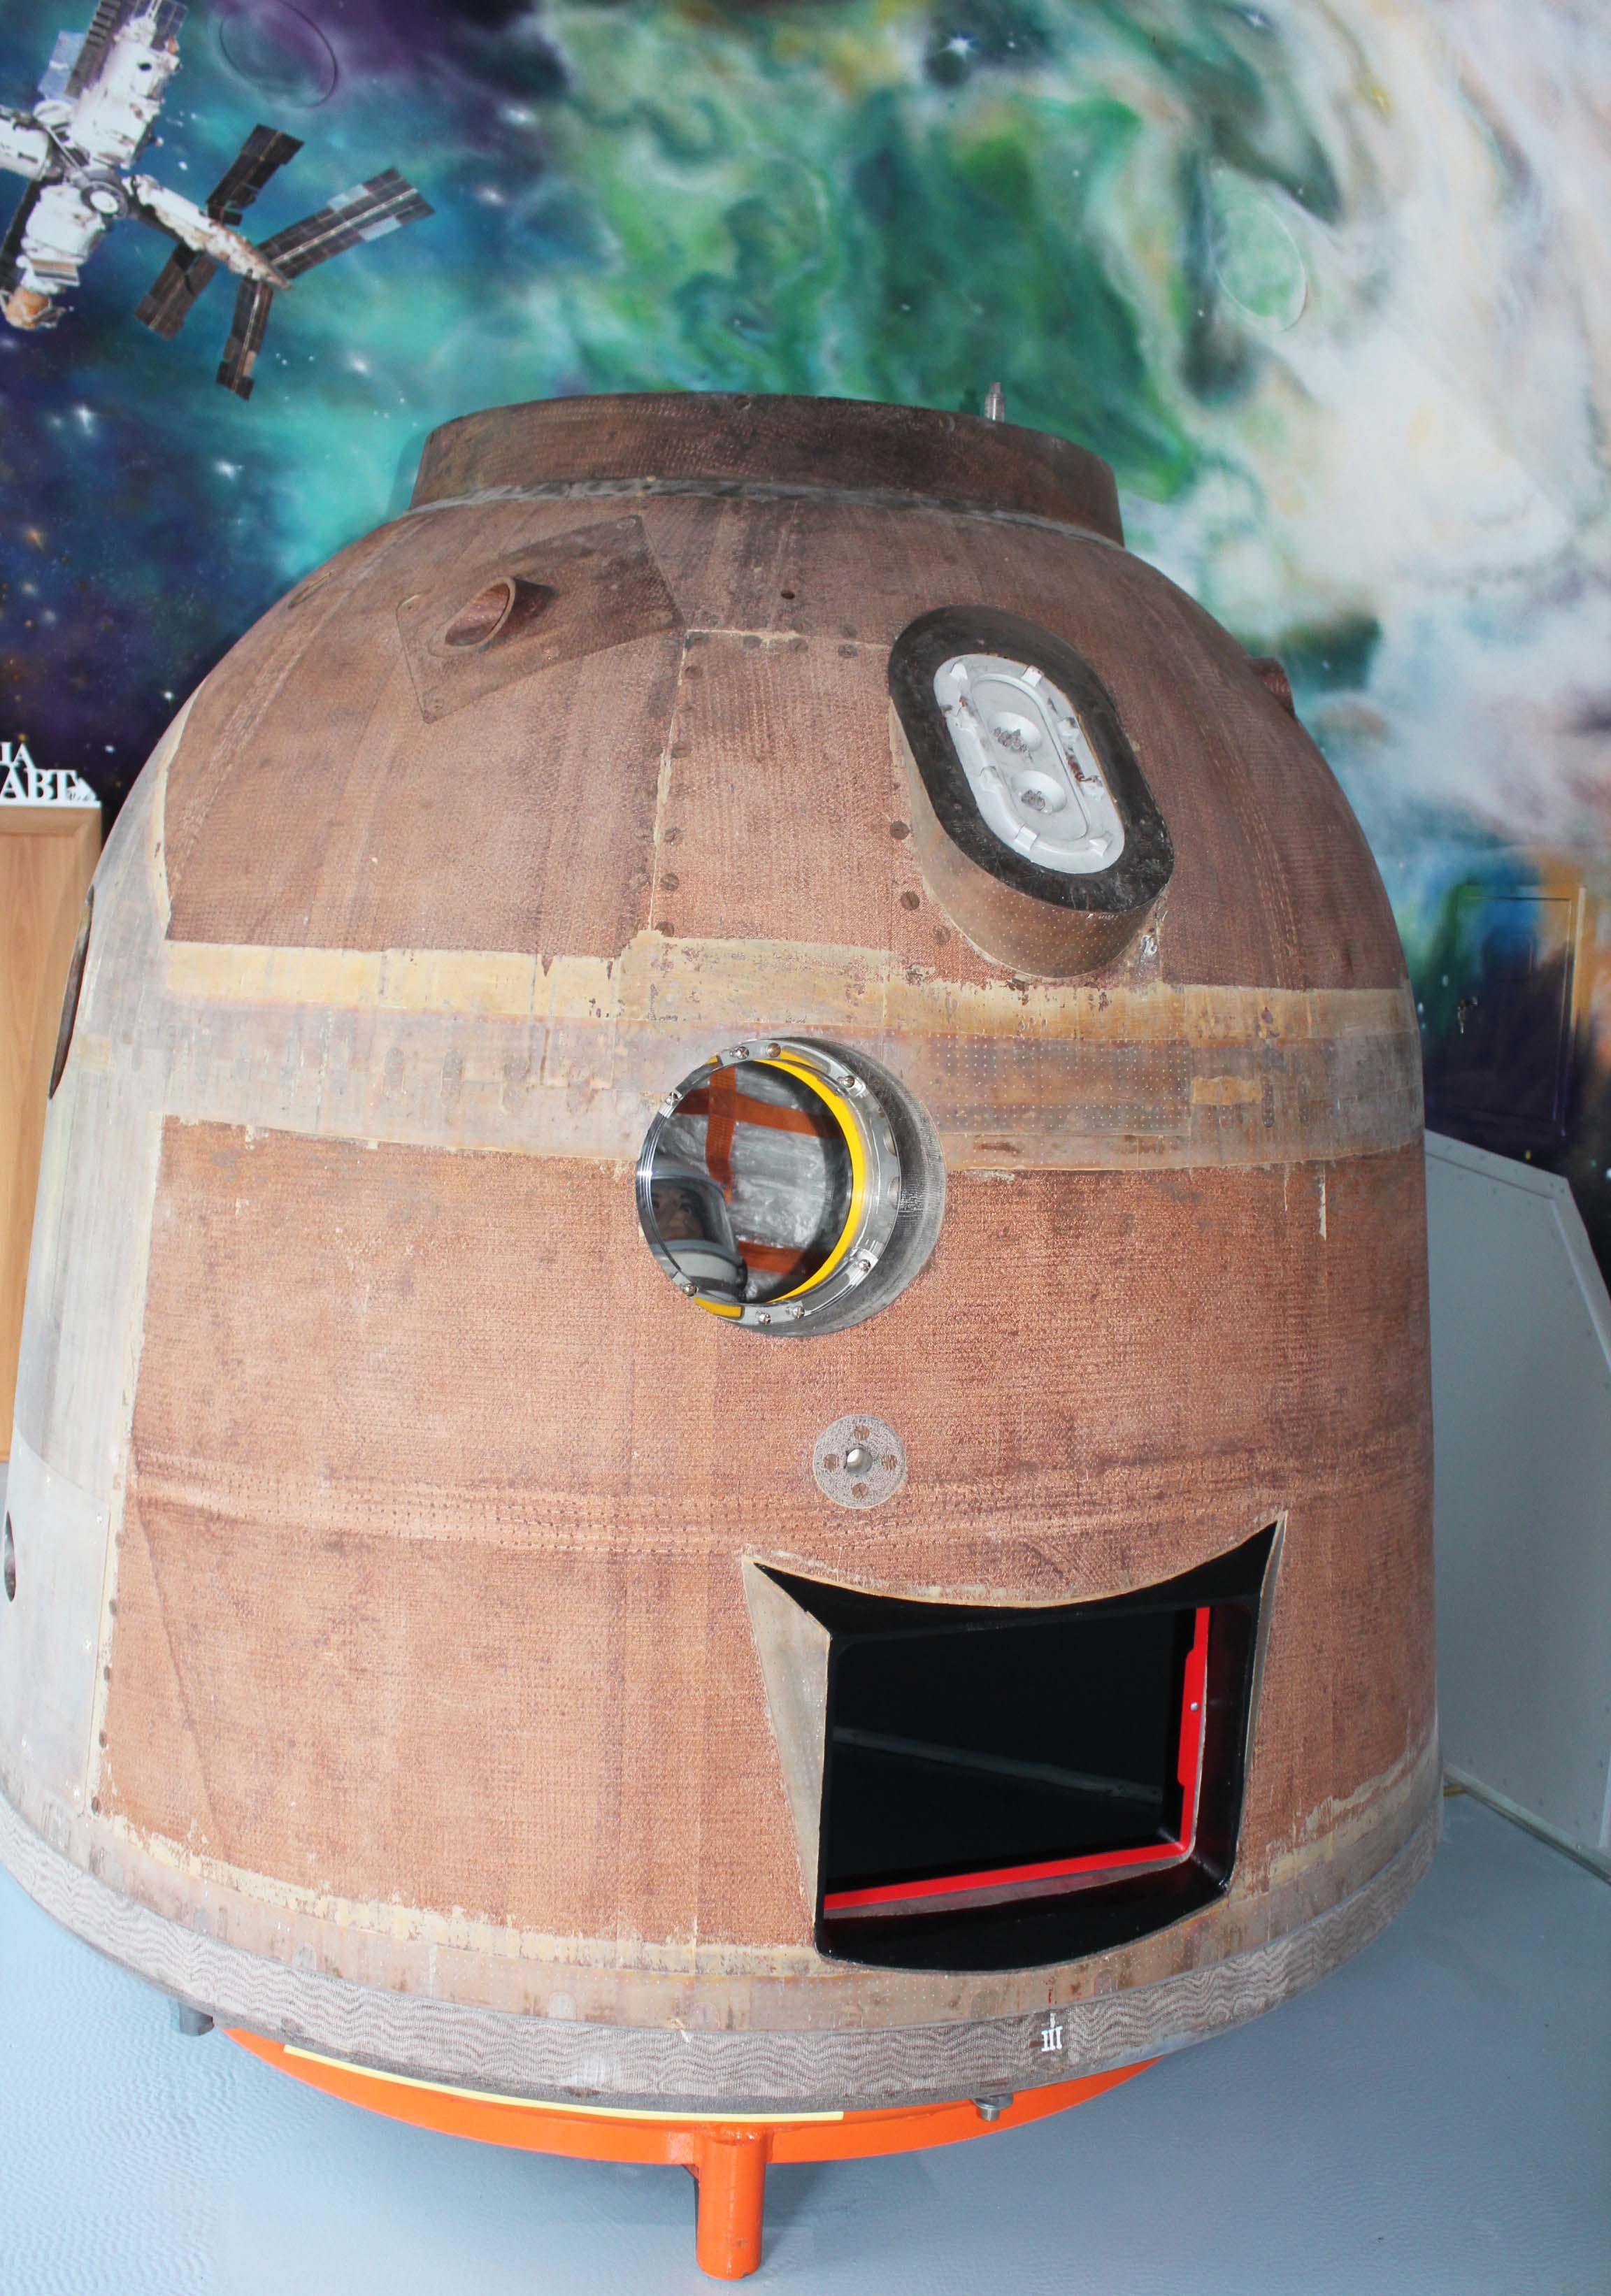 Спускаемый космический аппарат